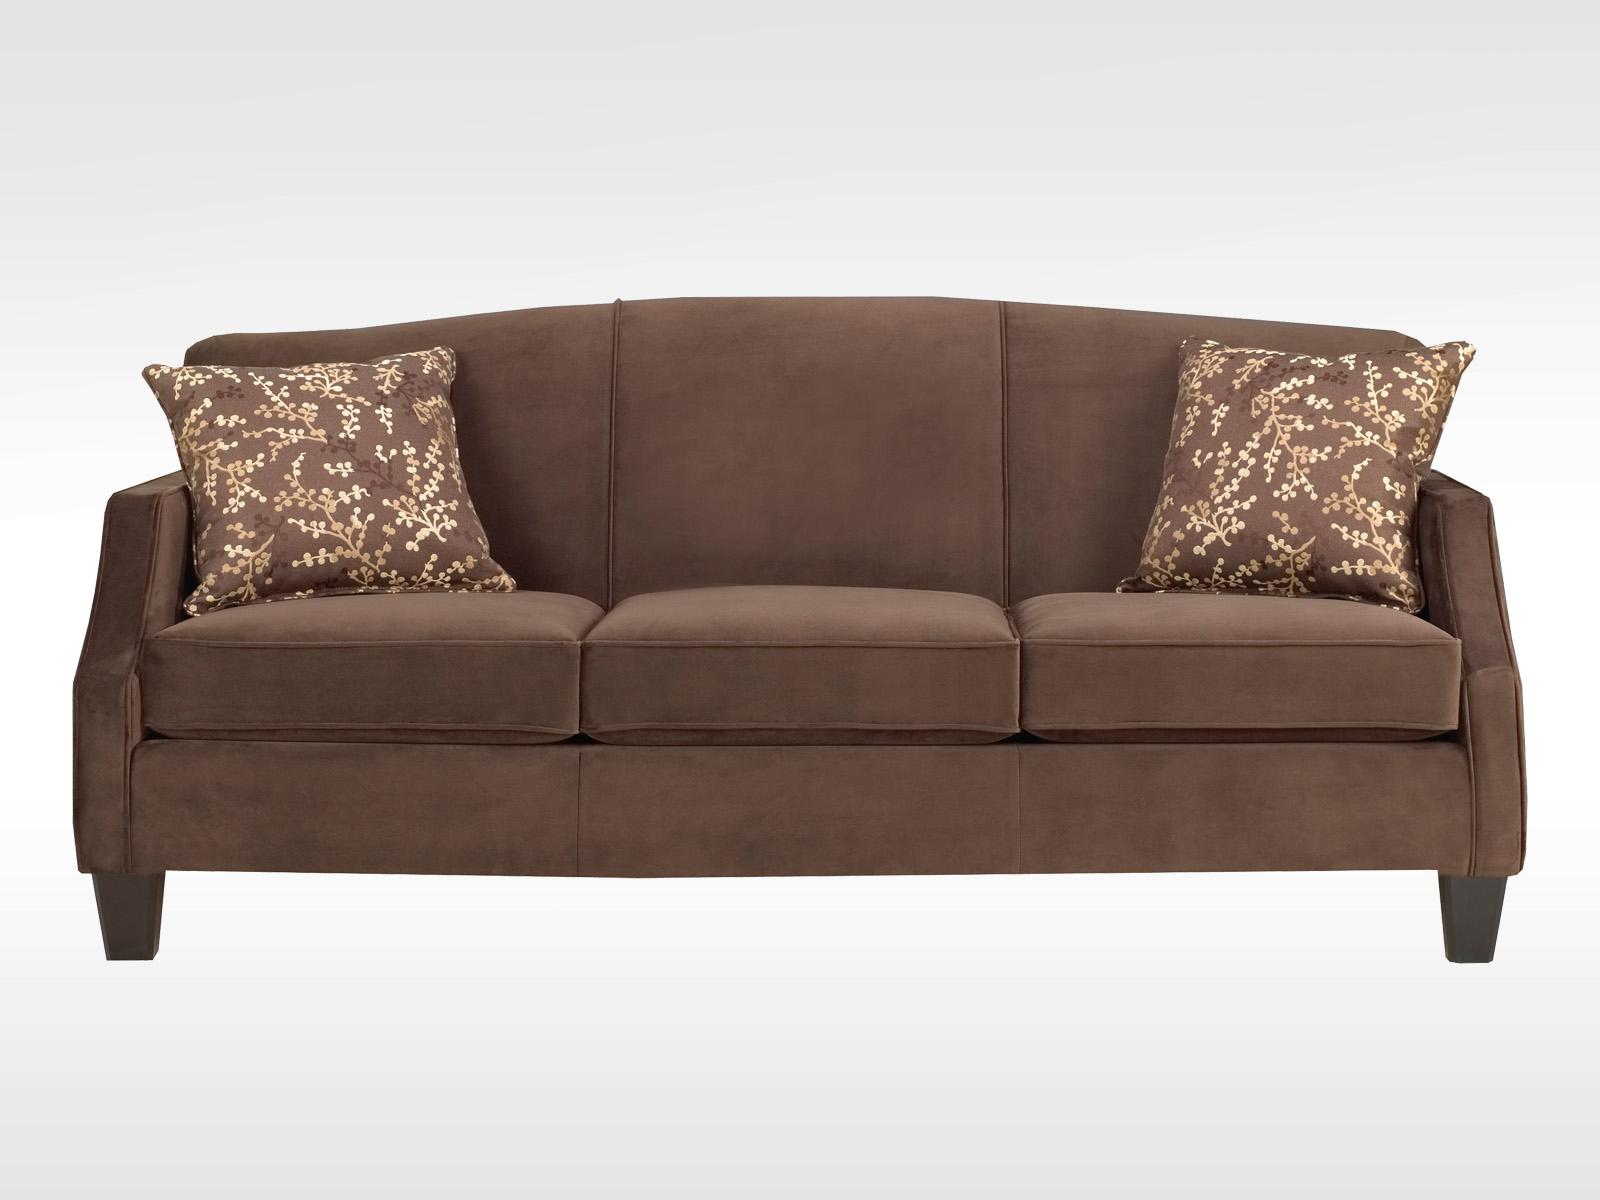 Nyella Amish Furniture Designed